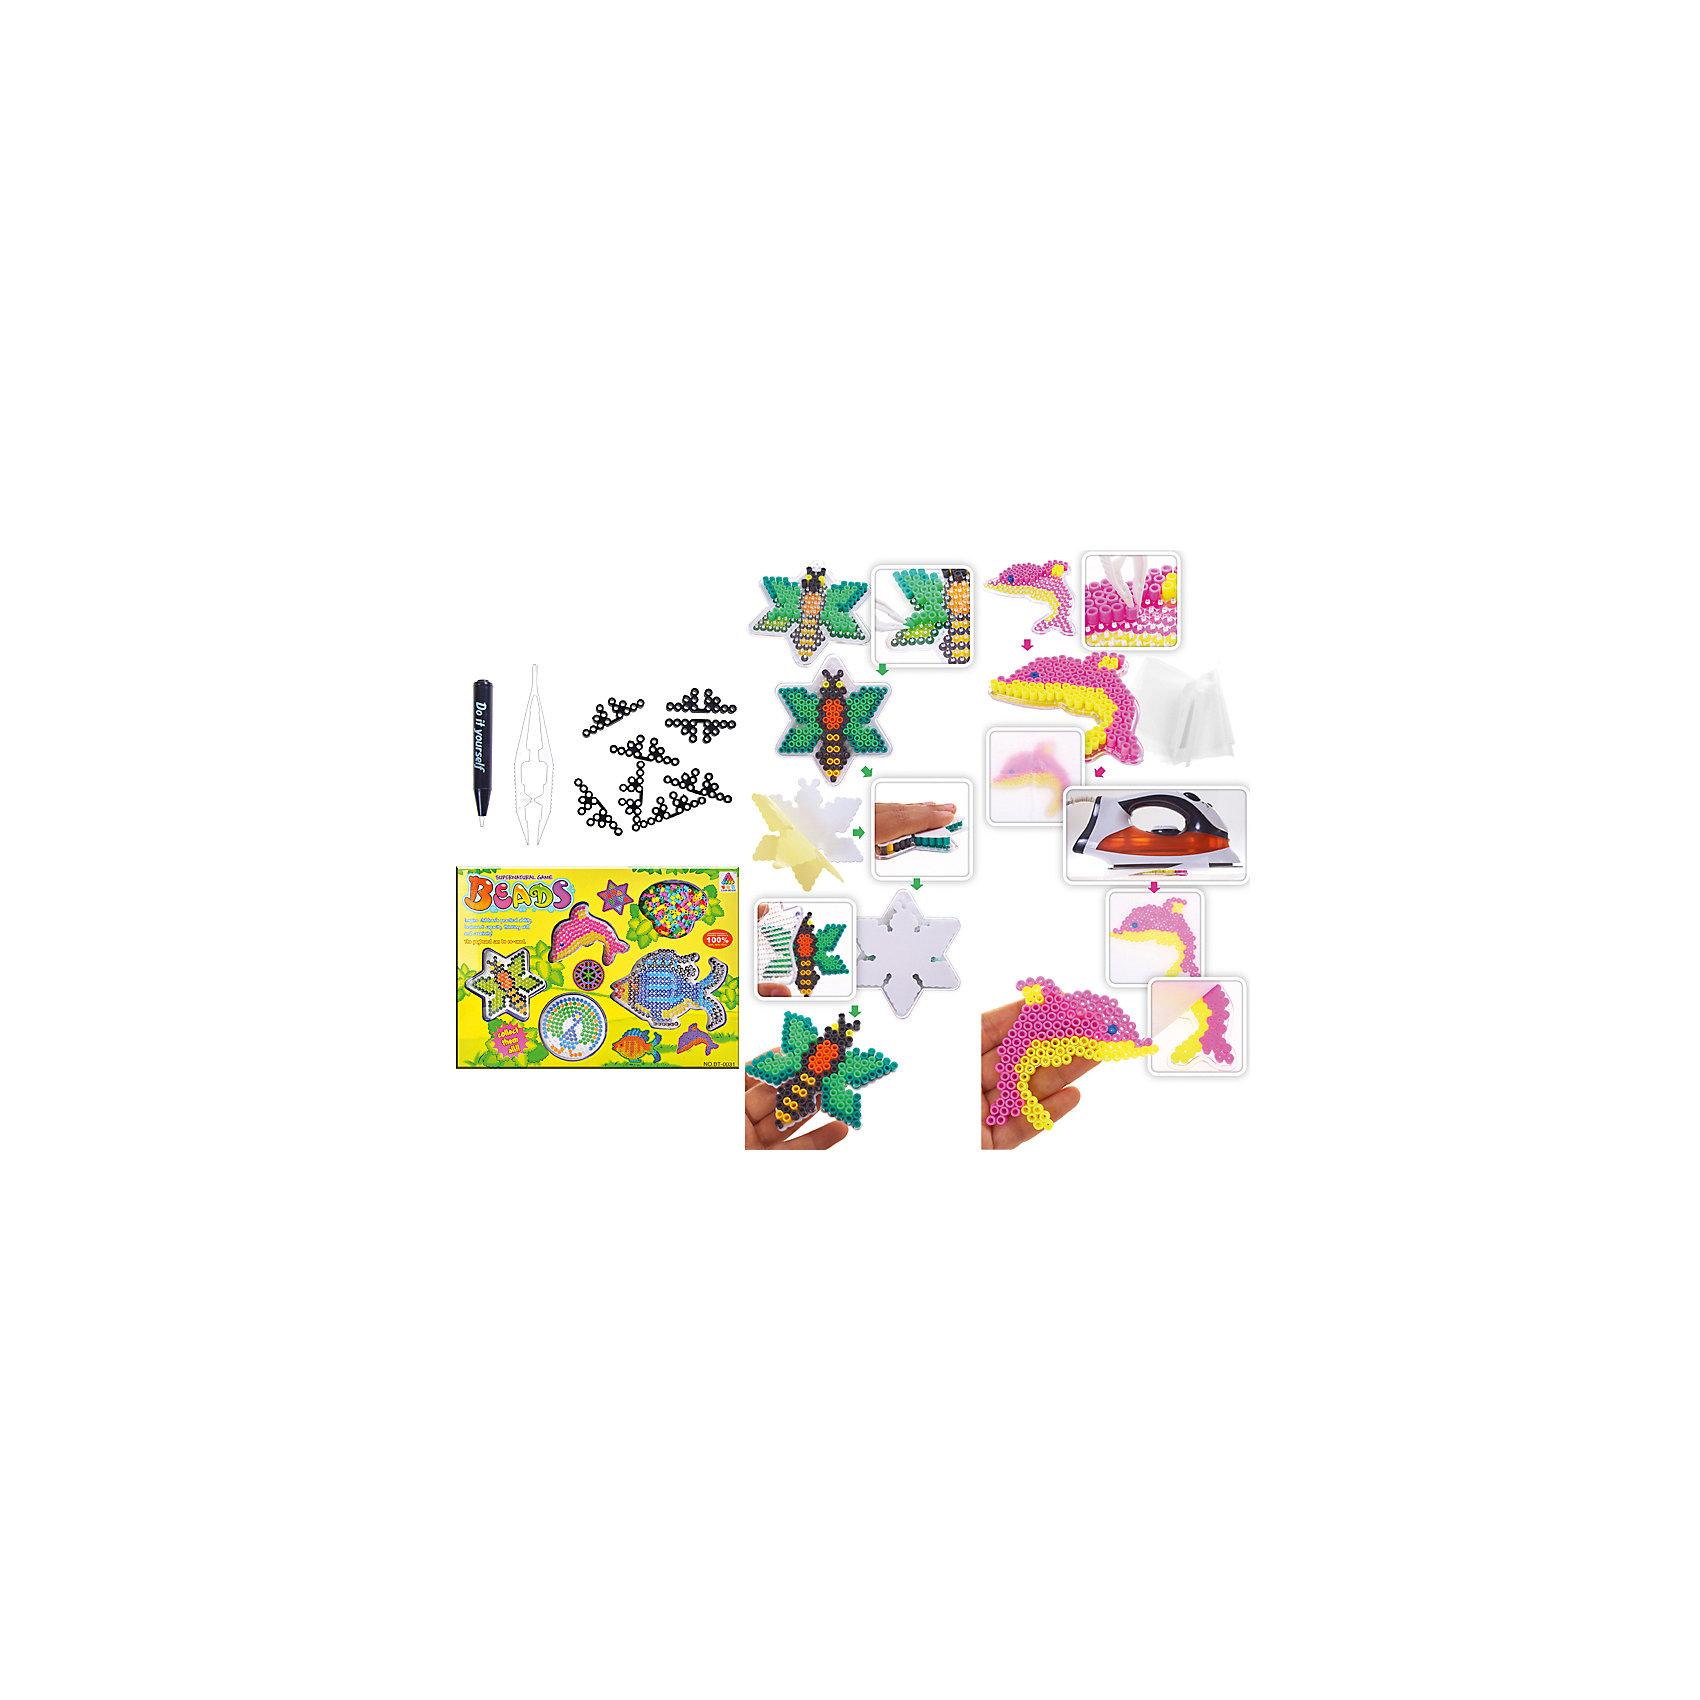 Набор термомозаик (4 шт)Последняя цена<br>Набор термомозаик, 4 шт от известного торгового бренда товаров для творчества TUKZAR позволит создавать объемные аппликации и элементы для оформления интерьера. Мозаика представлена в ассортименте, Вы можете выбрать любую понравившуюся картинку. Набор состоит из картонной основы с нанесенным рисунком и декоративных разноцветных элементов. Термомозаику можно собирать по образцу или создать свой рисунок или фигурку. Термомозаика развивает воображение, способствует развитию конструкторских навыков, аккуратности в изготовлении поделок. <br><br>Дополнительная информация:<br>- Предназначение: для занятий художественным творчеством, для развивающих занятий, для декора интерьера<br>- Материал: картон, пластик<br>- Комплектация: рамка-основа с рисунком, разноцветные бусины, термобумага, инструкция<br>-Упаковка: блистер<br><br>Подробнее:<br><br>• Для детей в возрасте: от 7 лет <br>• Страна производитель: Китай<br>• Торговый бренд: TUKZAR<br><br>Набор термомозаик, 4 шт можно купить в нашем интернет-магазине.<br><br>Ширина мм: 260<br>Глубина мм: 300<br>Высота мм: 20<br>Вес г: 100<br>Возраст от месяцев: 36<br>Возраст до месяцев: 72<br>Пол: Унисекс<br>Возраст: Детский<br>SKU: 5001455